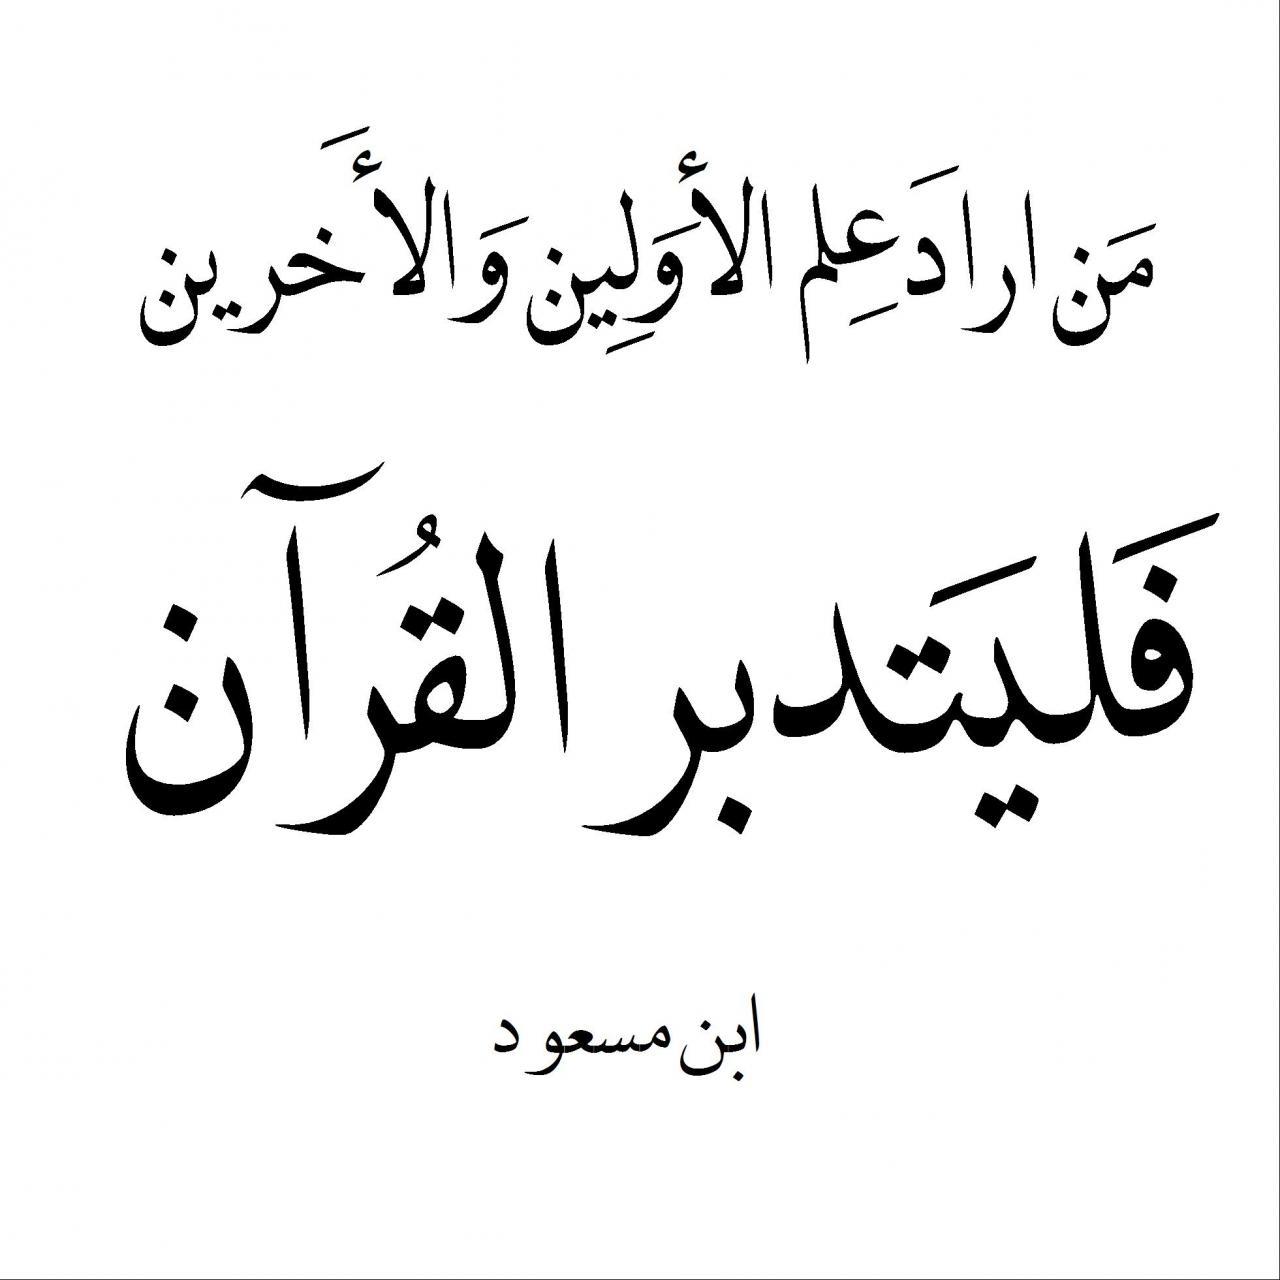 صورة اقوال في اللغة العربية 11536 5